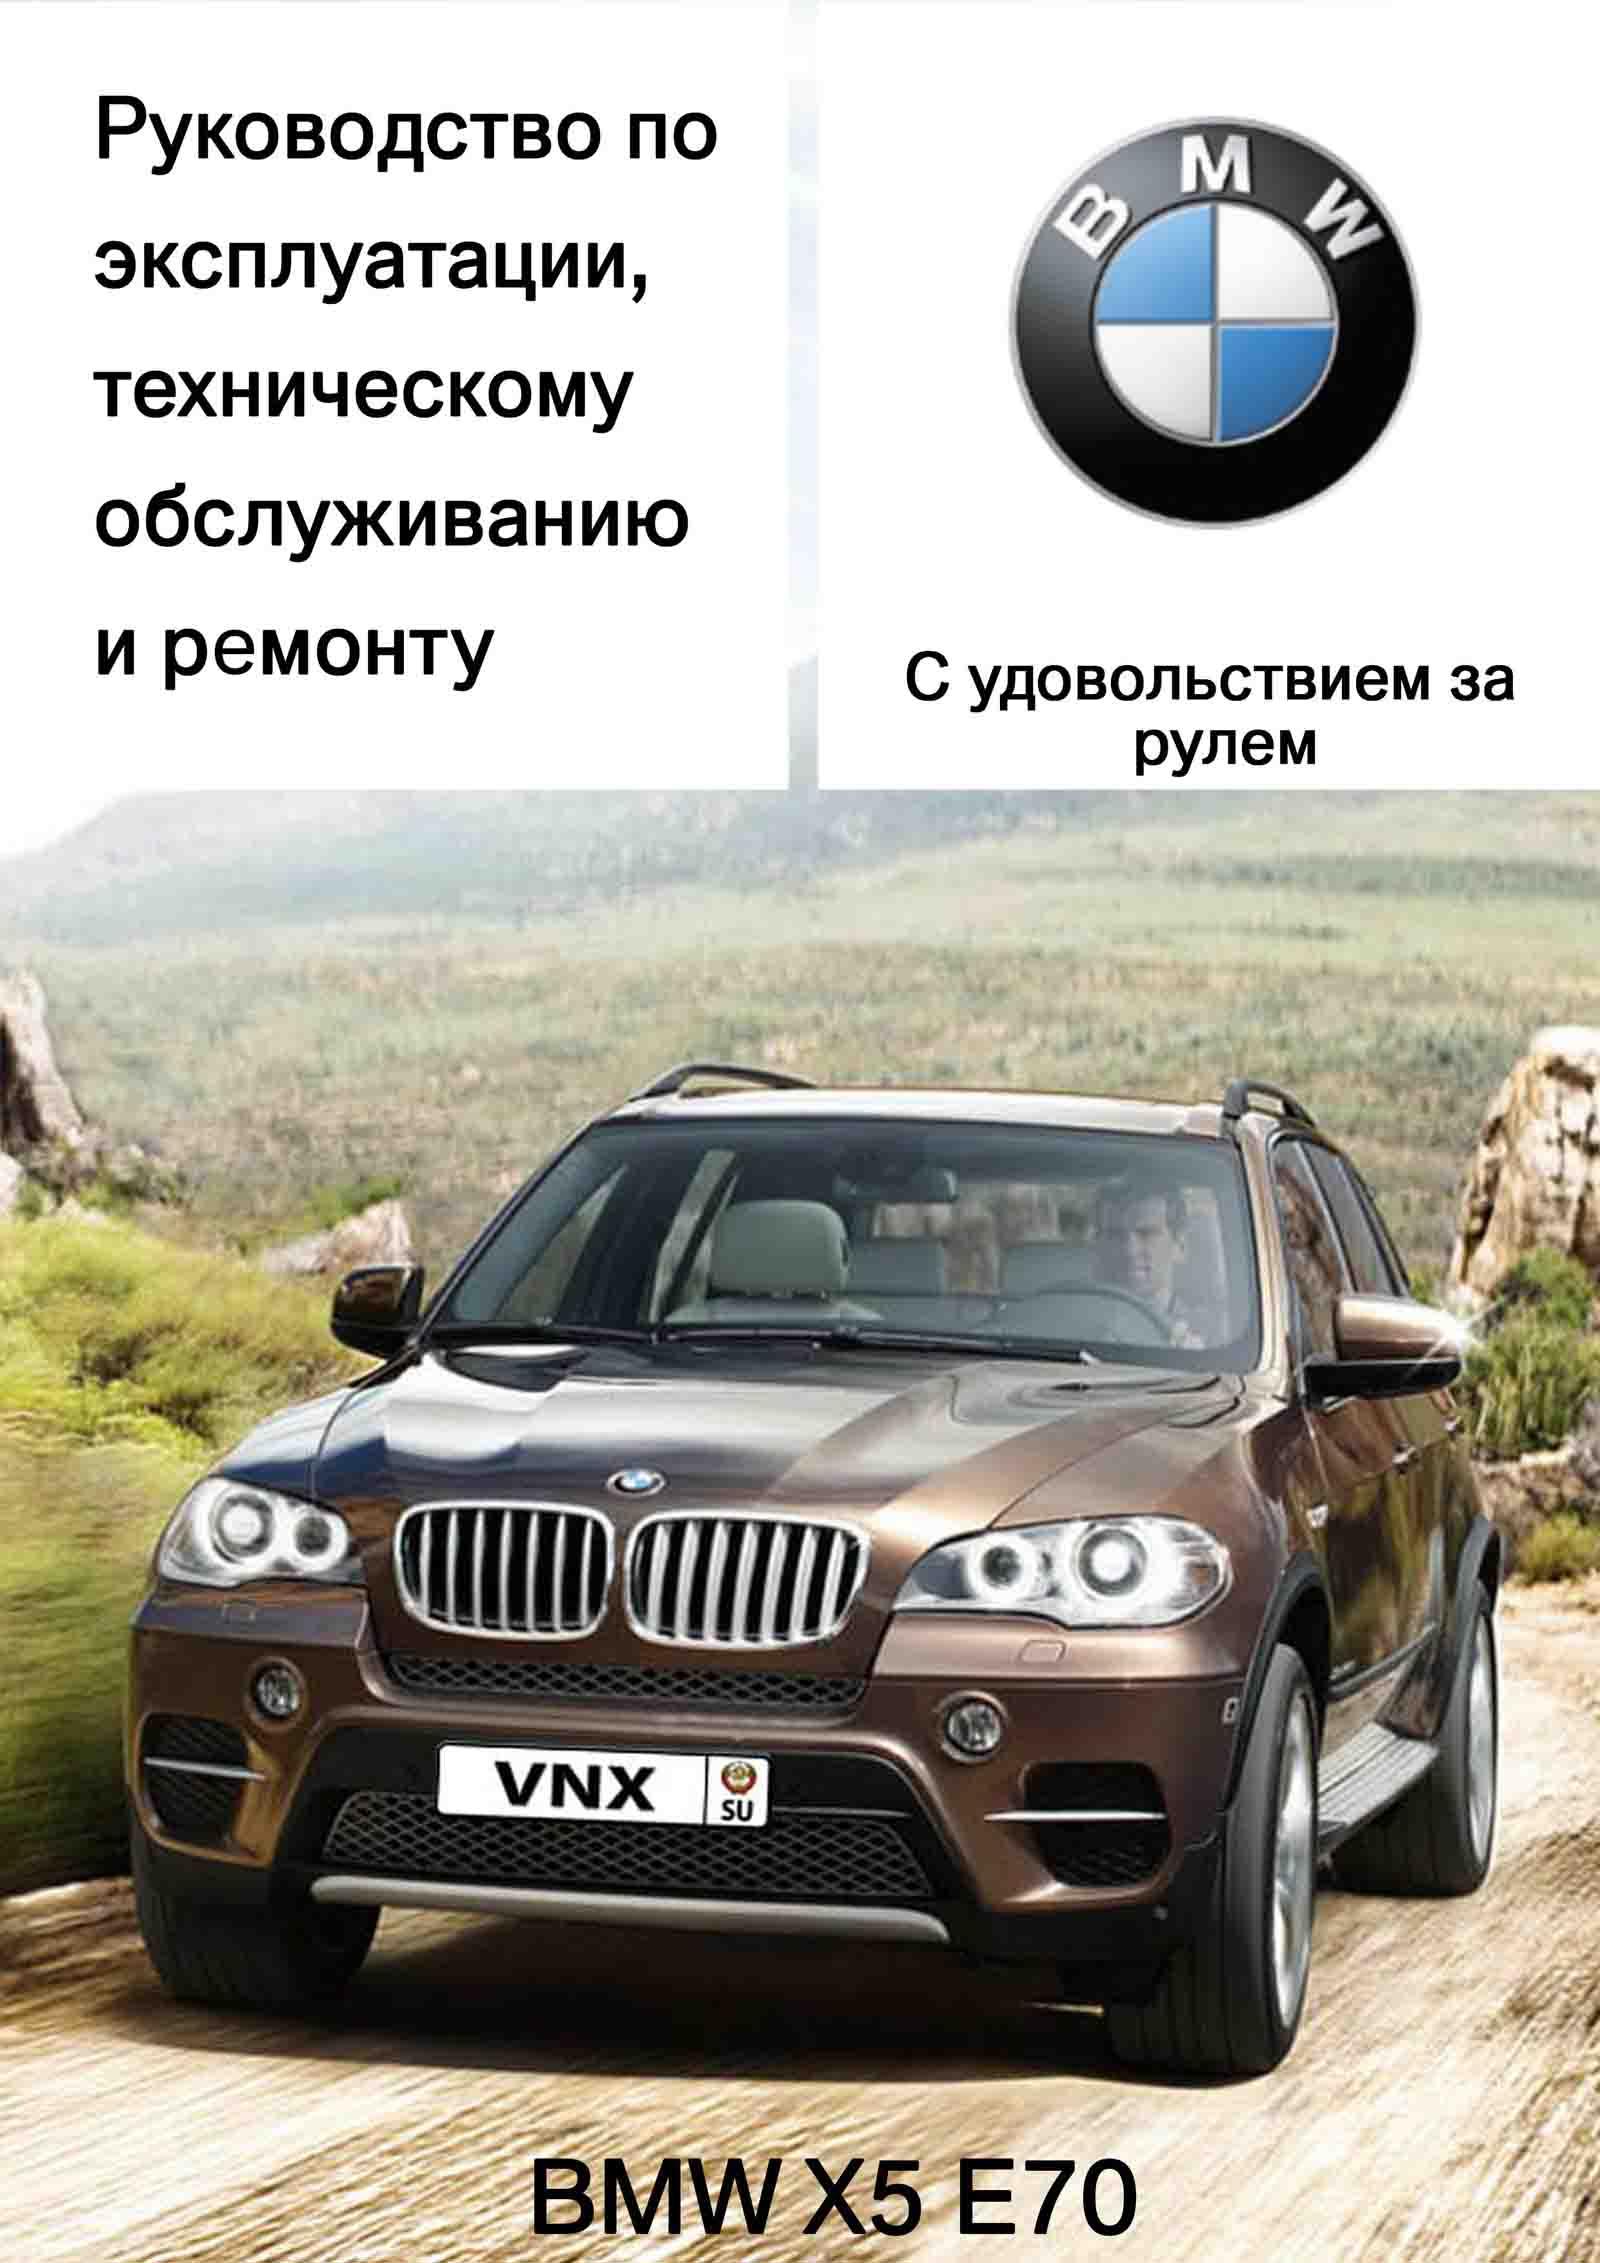 BMW X5 Е70 Руководство по ремонту и техническому обслуживанию обложка